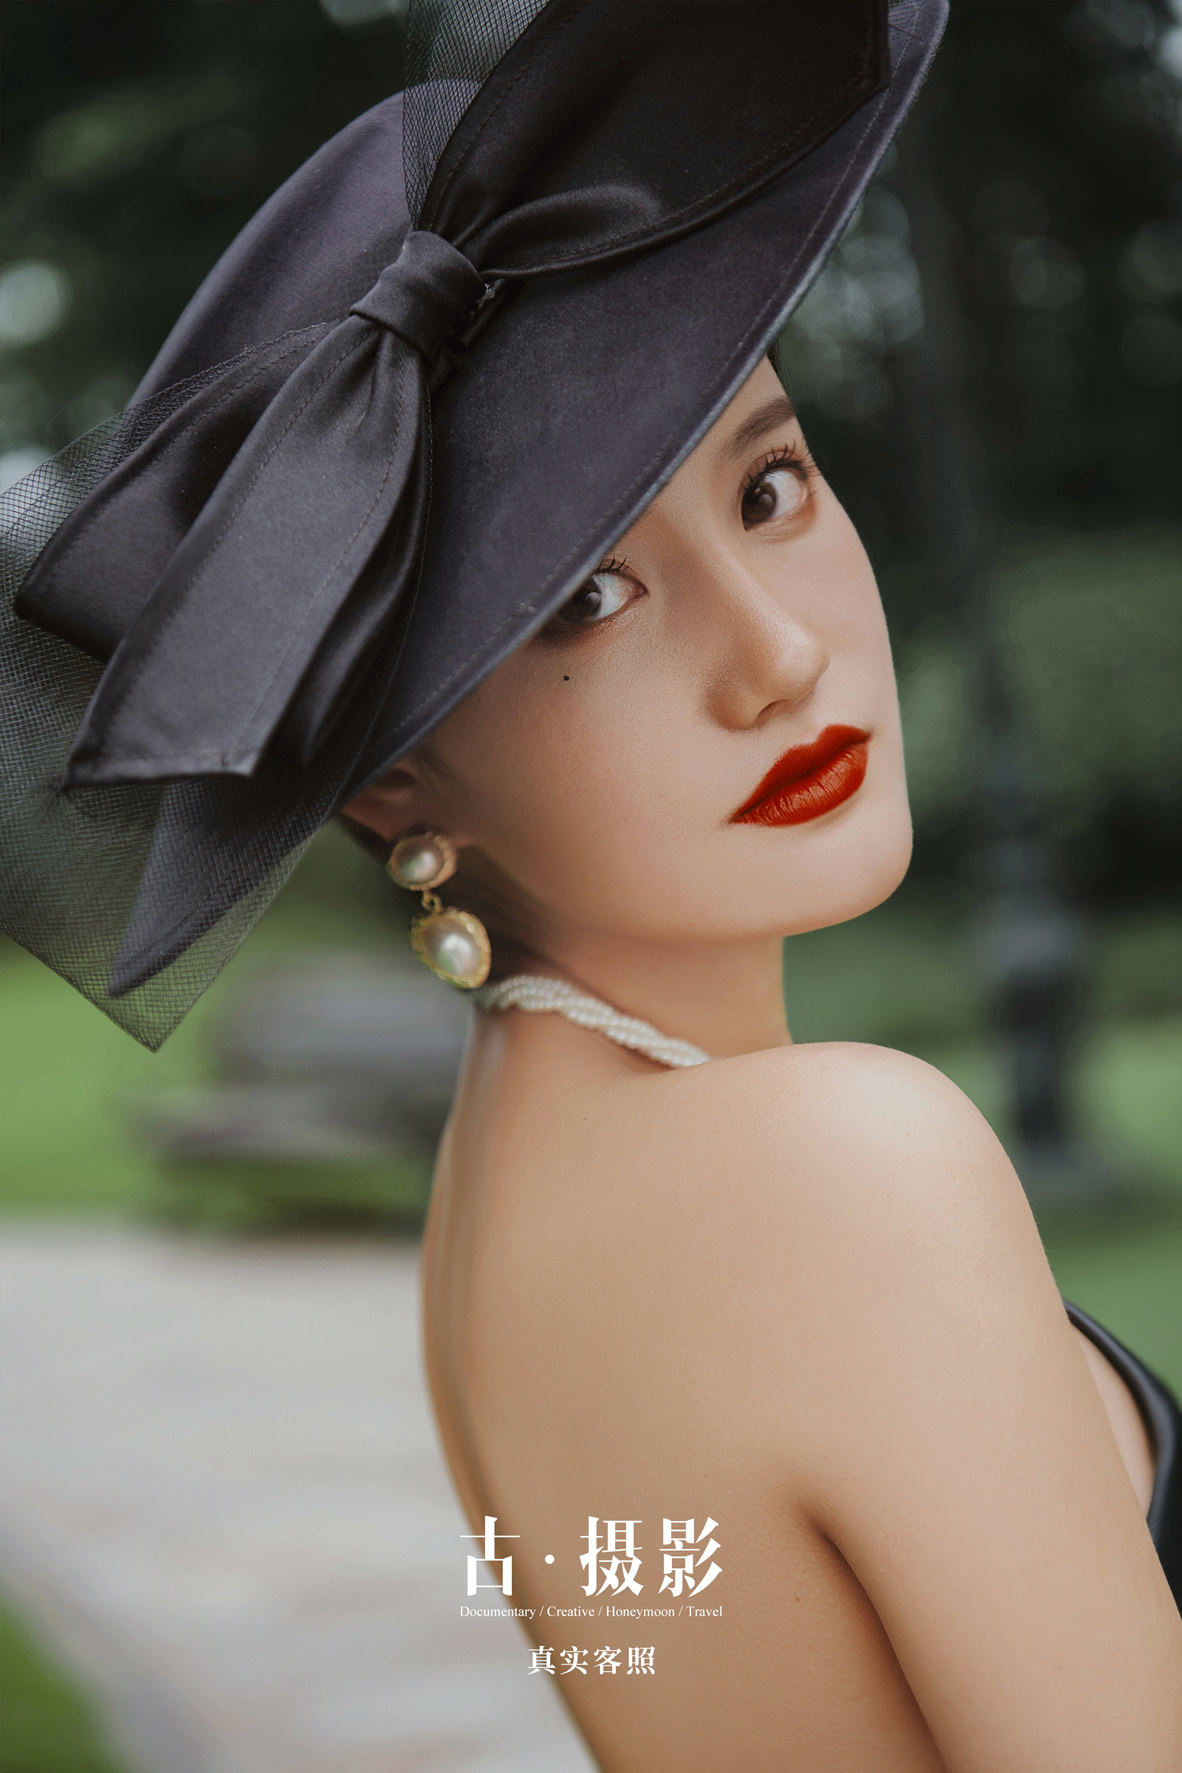 王先生 李小姐 - 每日客照 - 古摄影婚纱艺术-古摄影成都婚纱摄影艺术摄影网